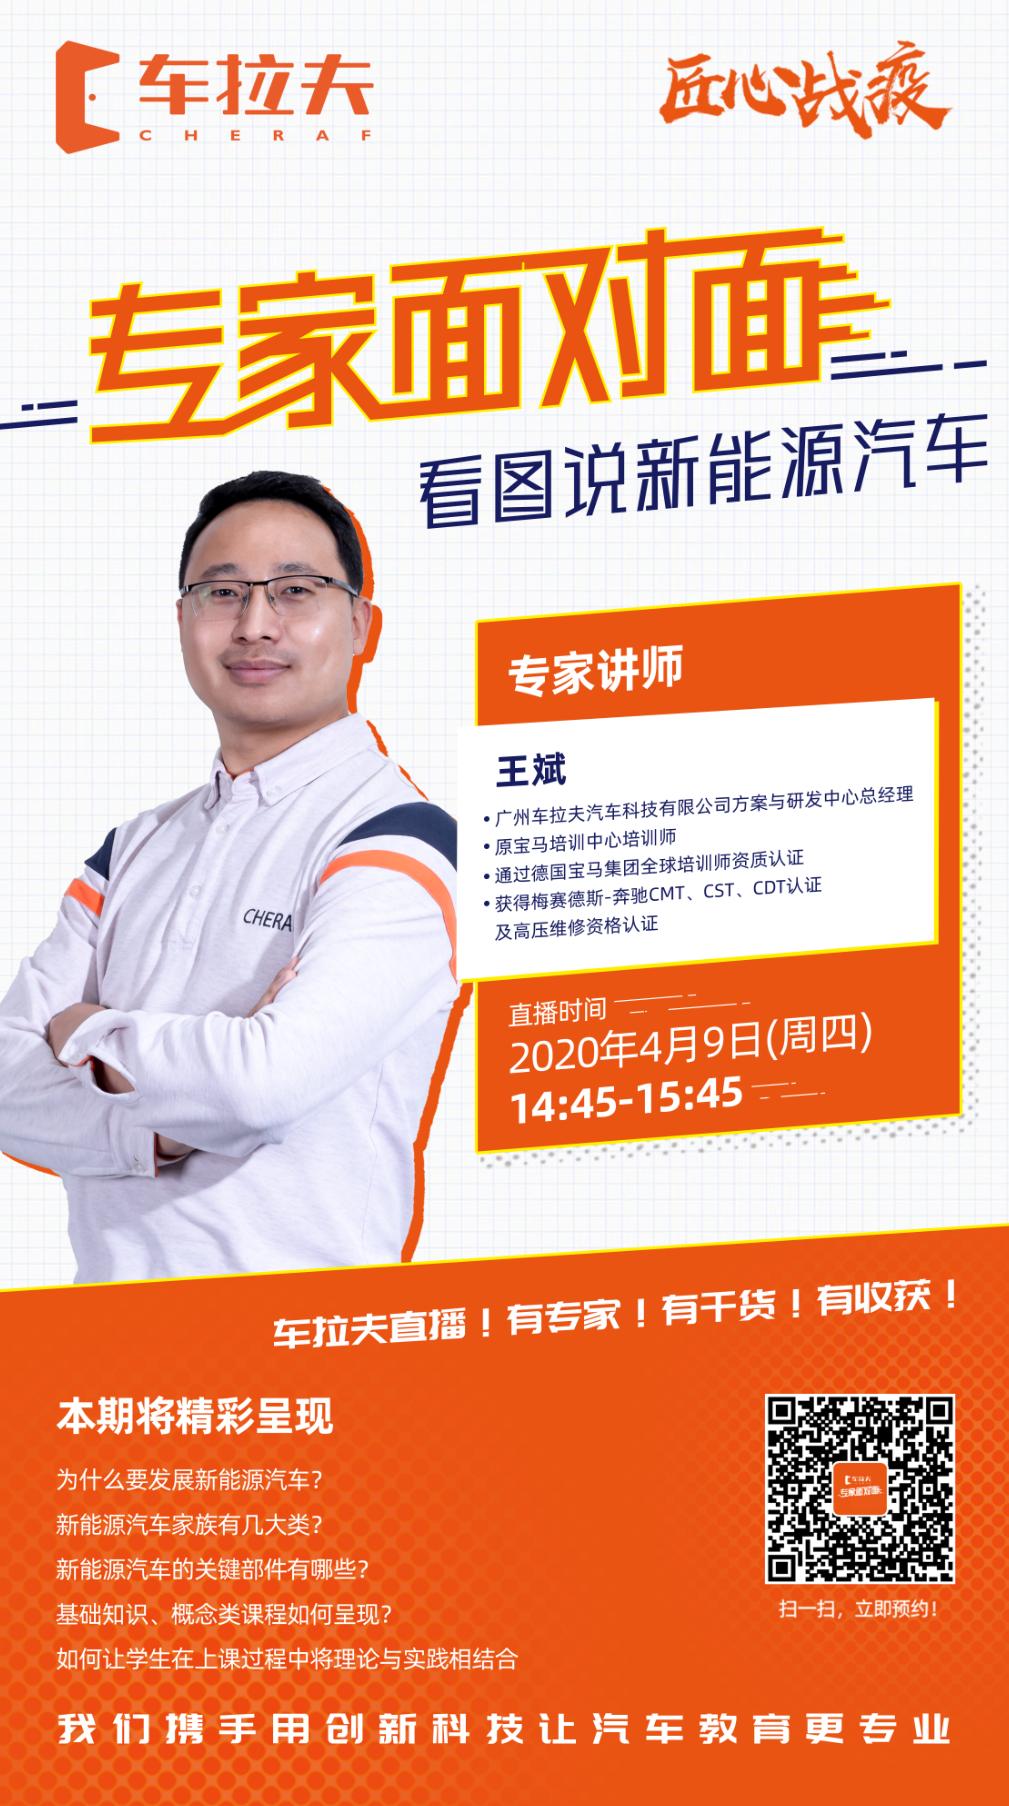 车拉夫专家面对面(直播第2期)丨王斌:看图说新能源汽车